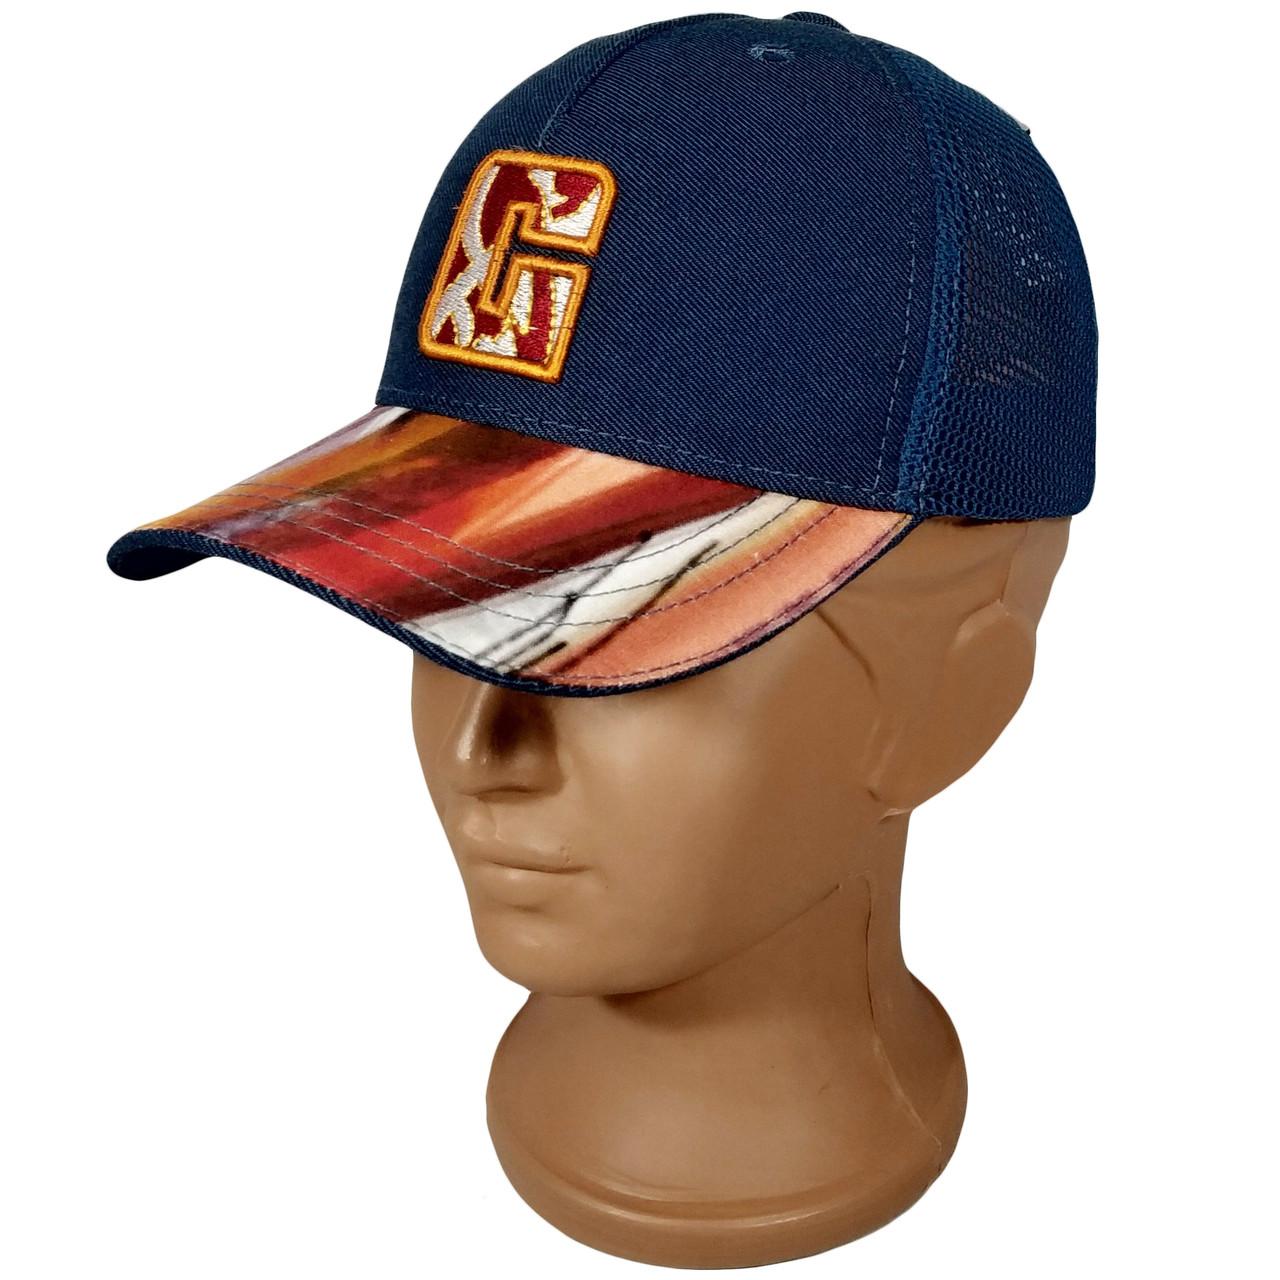 Бейсболка класична підліток, розмір: 49-50, 51-52, 53-54, 55-56. Код BP1 S07 (000866)